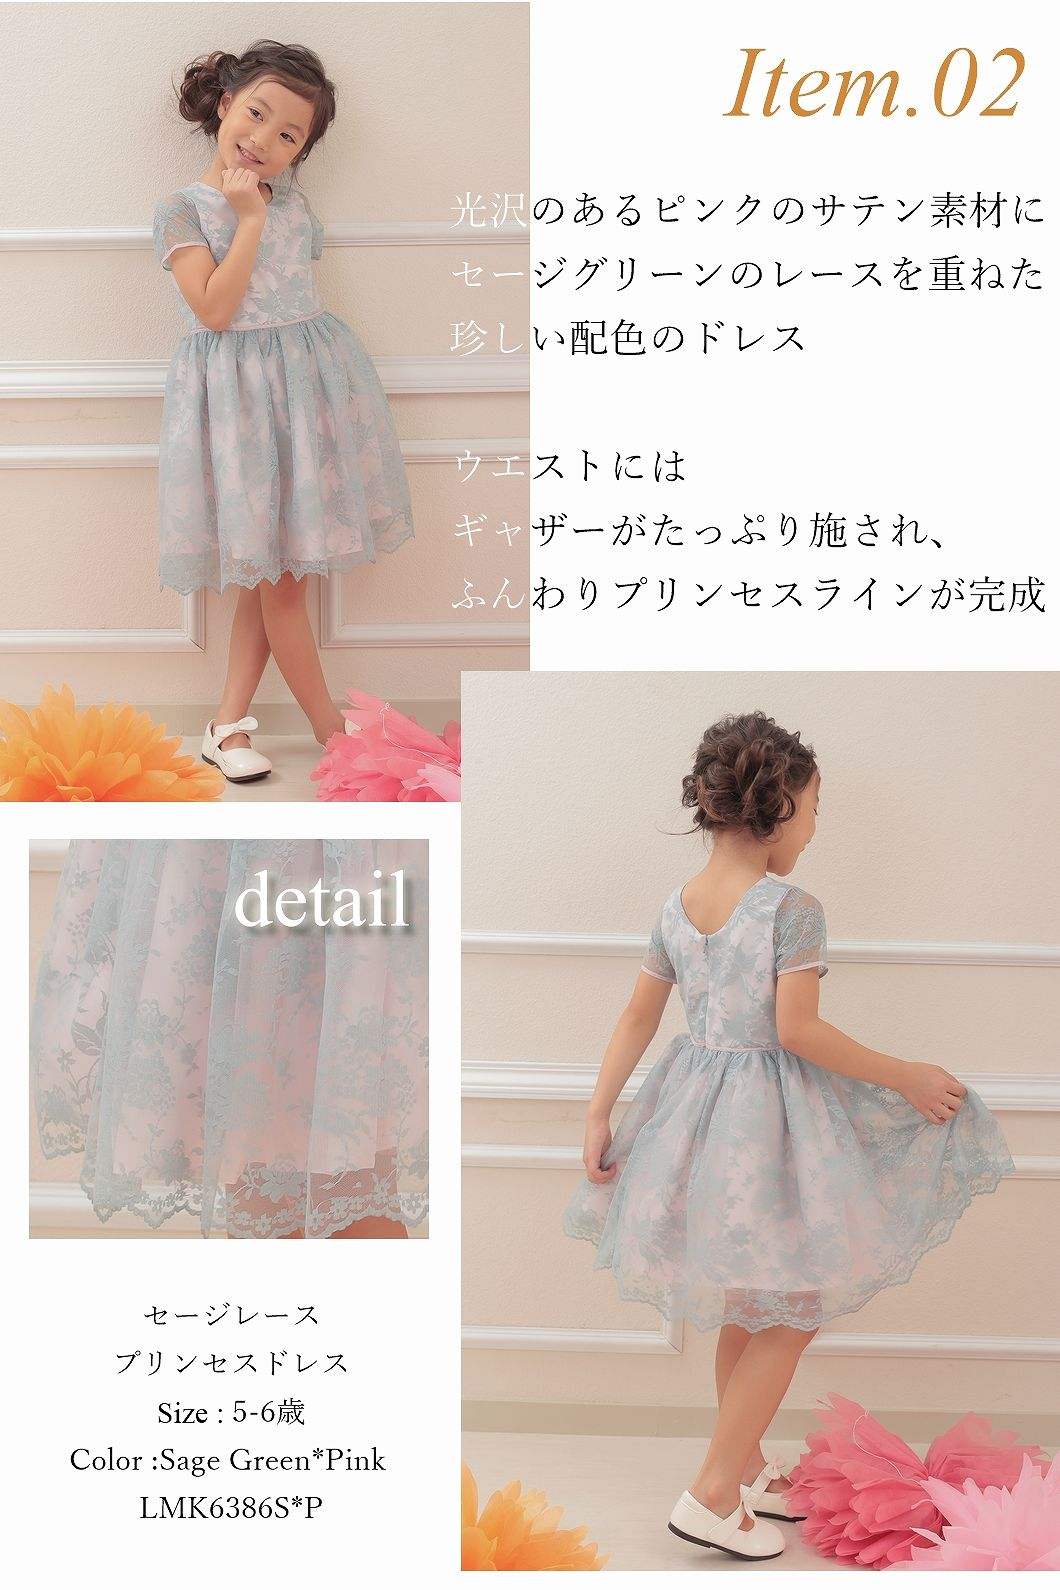 配色が珍しいキッズドレスは、着るだけでプリンセスに